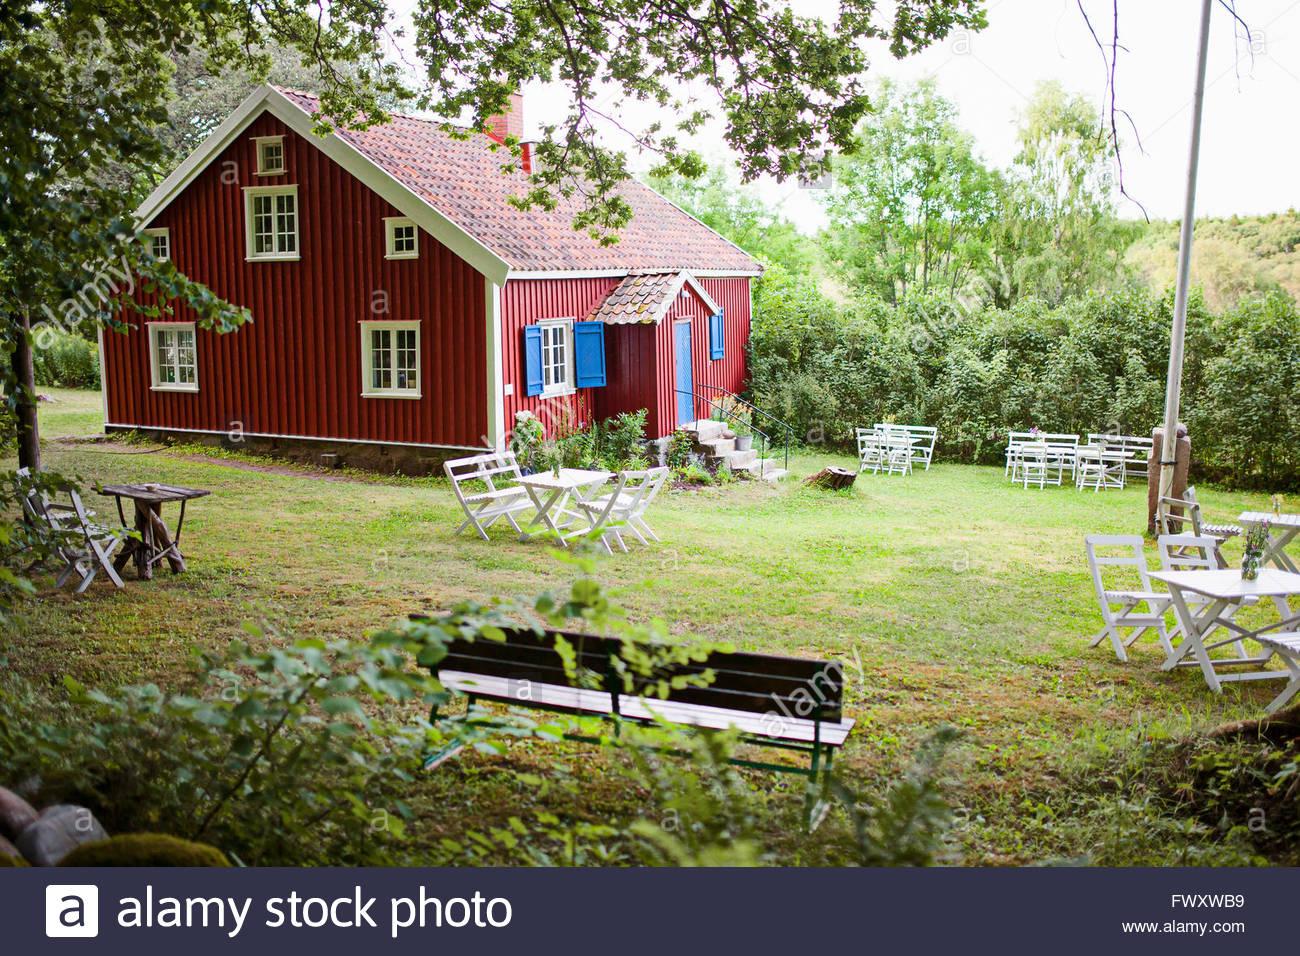 Sweden, Bohuslan, West Coast Archipelago, Grebbestad, Wooden house with front yard - Stock Image